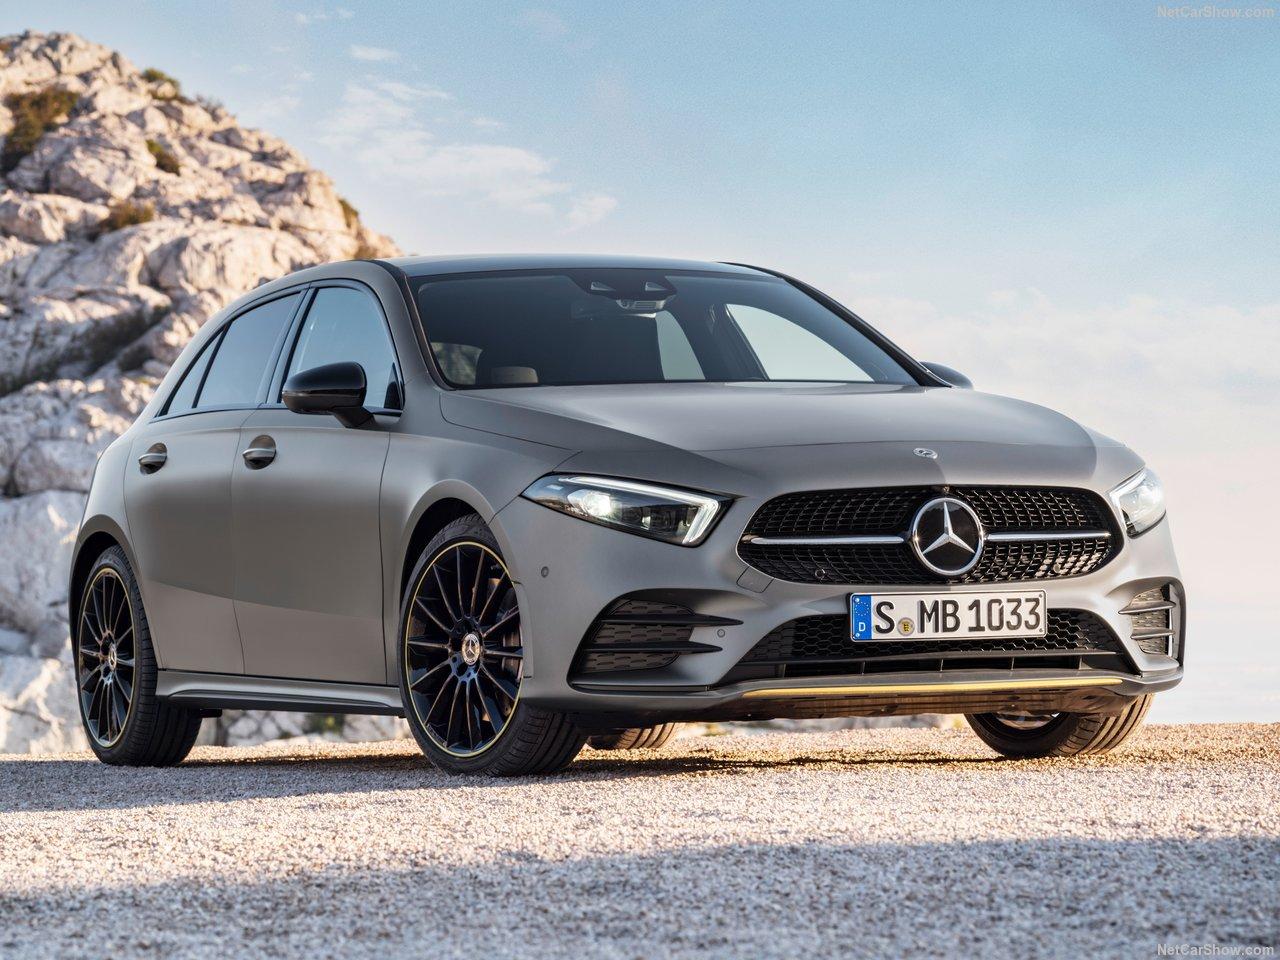 Mercedes-Benz-A-Class-2019-1280-01.jpg